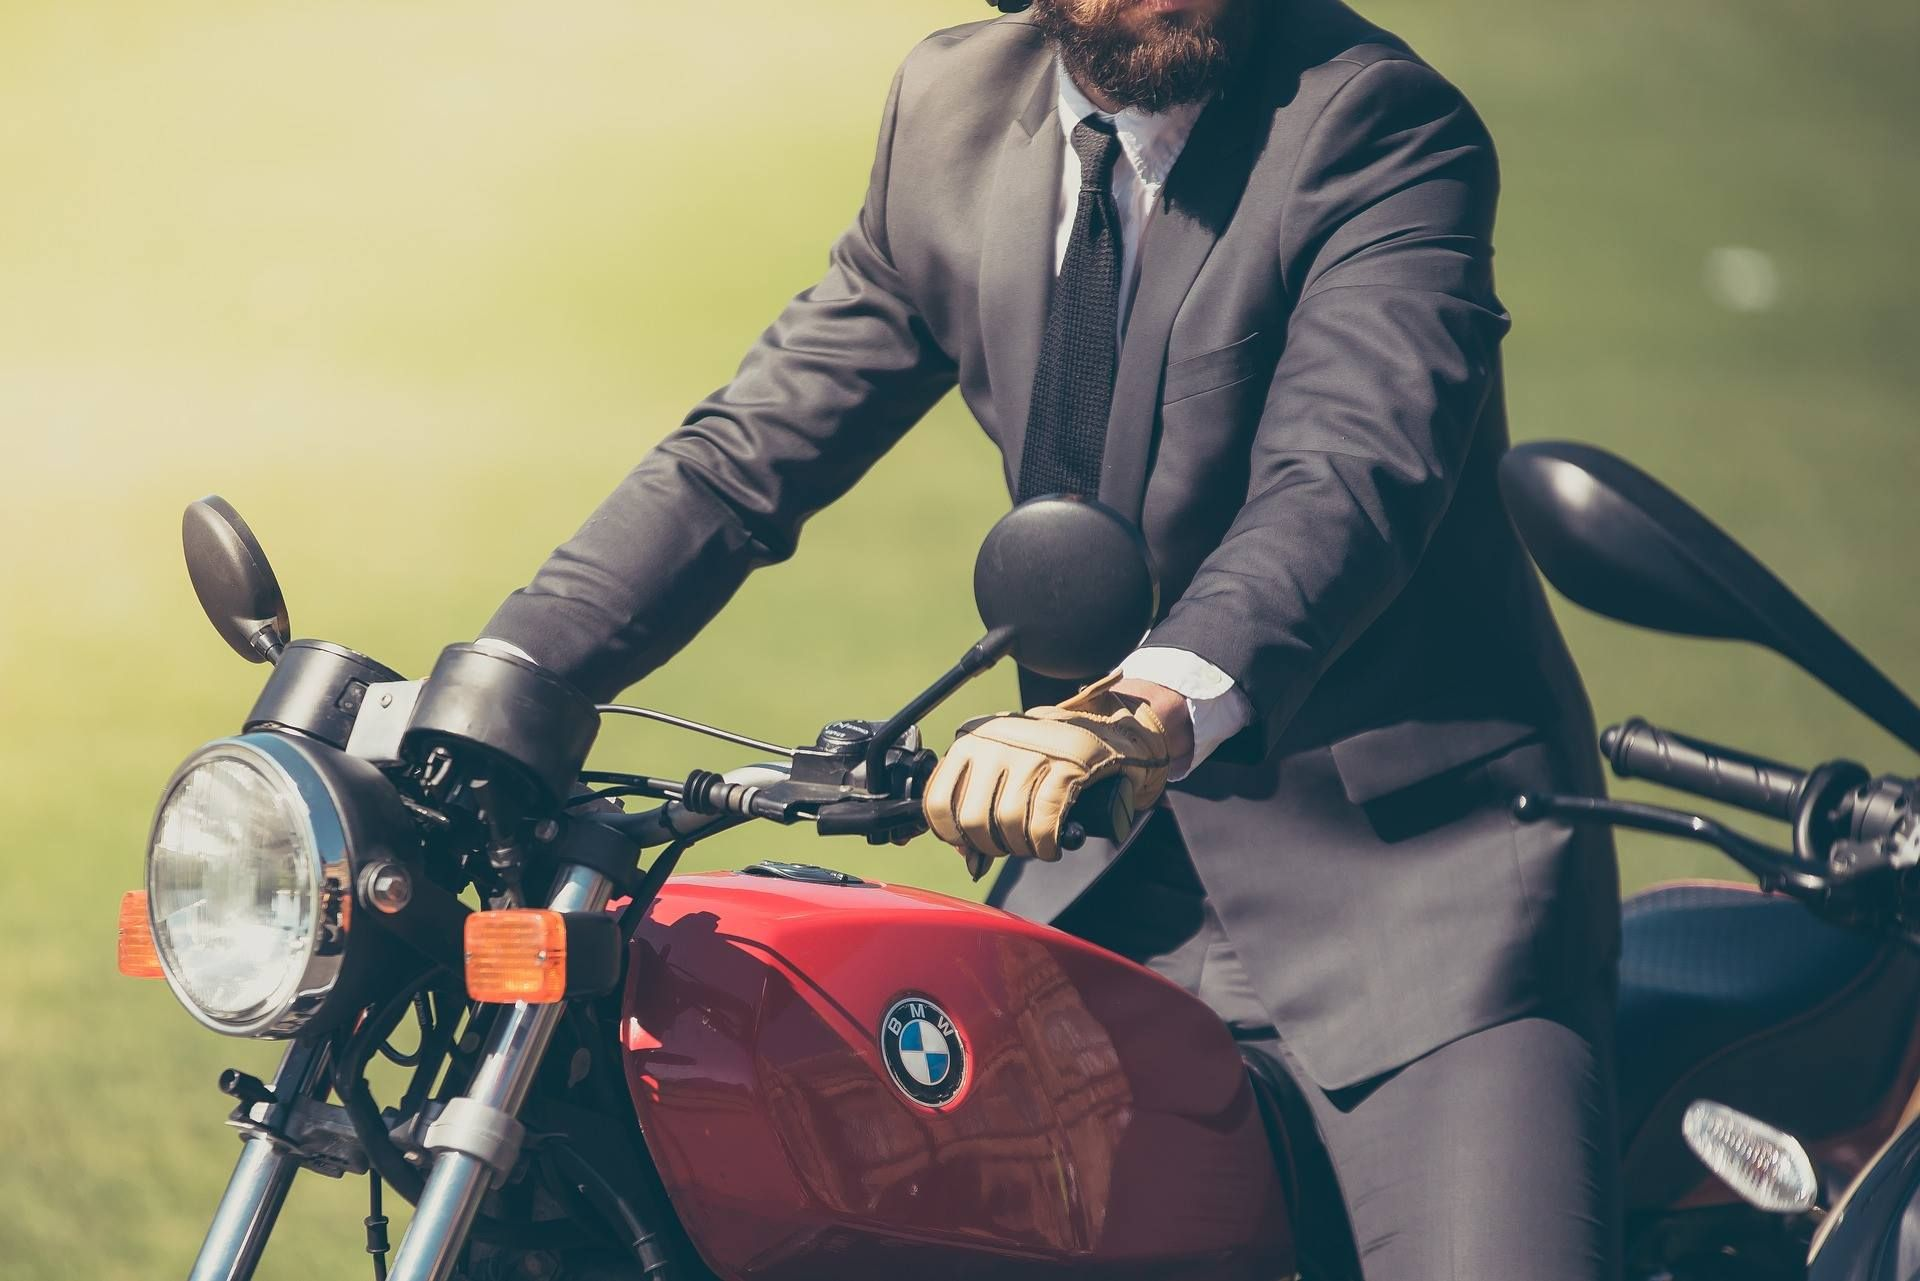 Comercializamos diferentes marcas de motos